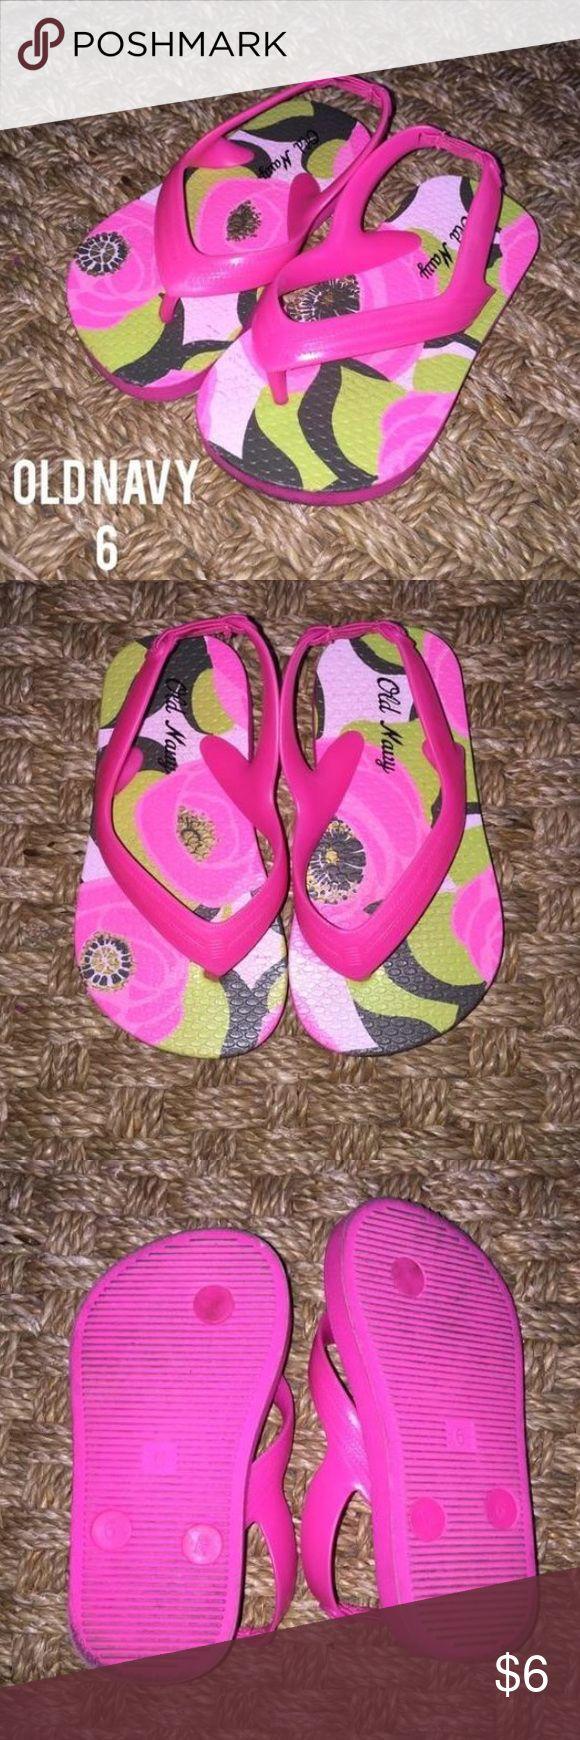 Old Navy Pink Brown Tropical Flower Flip Flops 6 Gently worn Old Navy Pink Brown Tropical Flower Flip Flops 6 Old Navy Shoes Sandals & Flip Flops